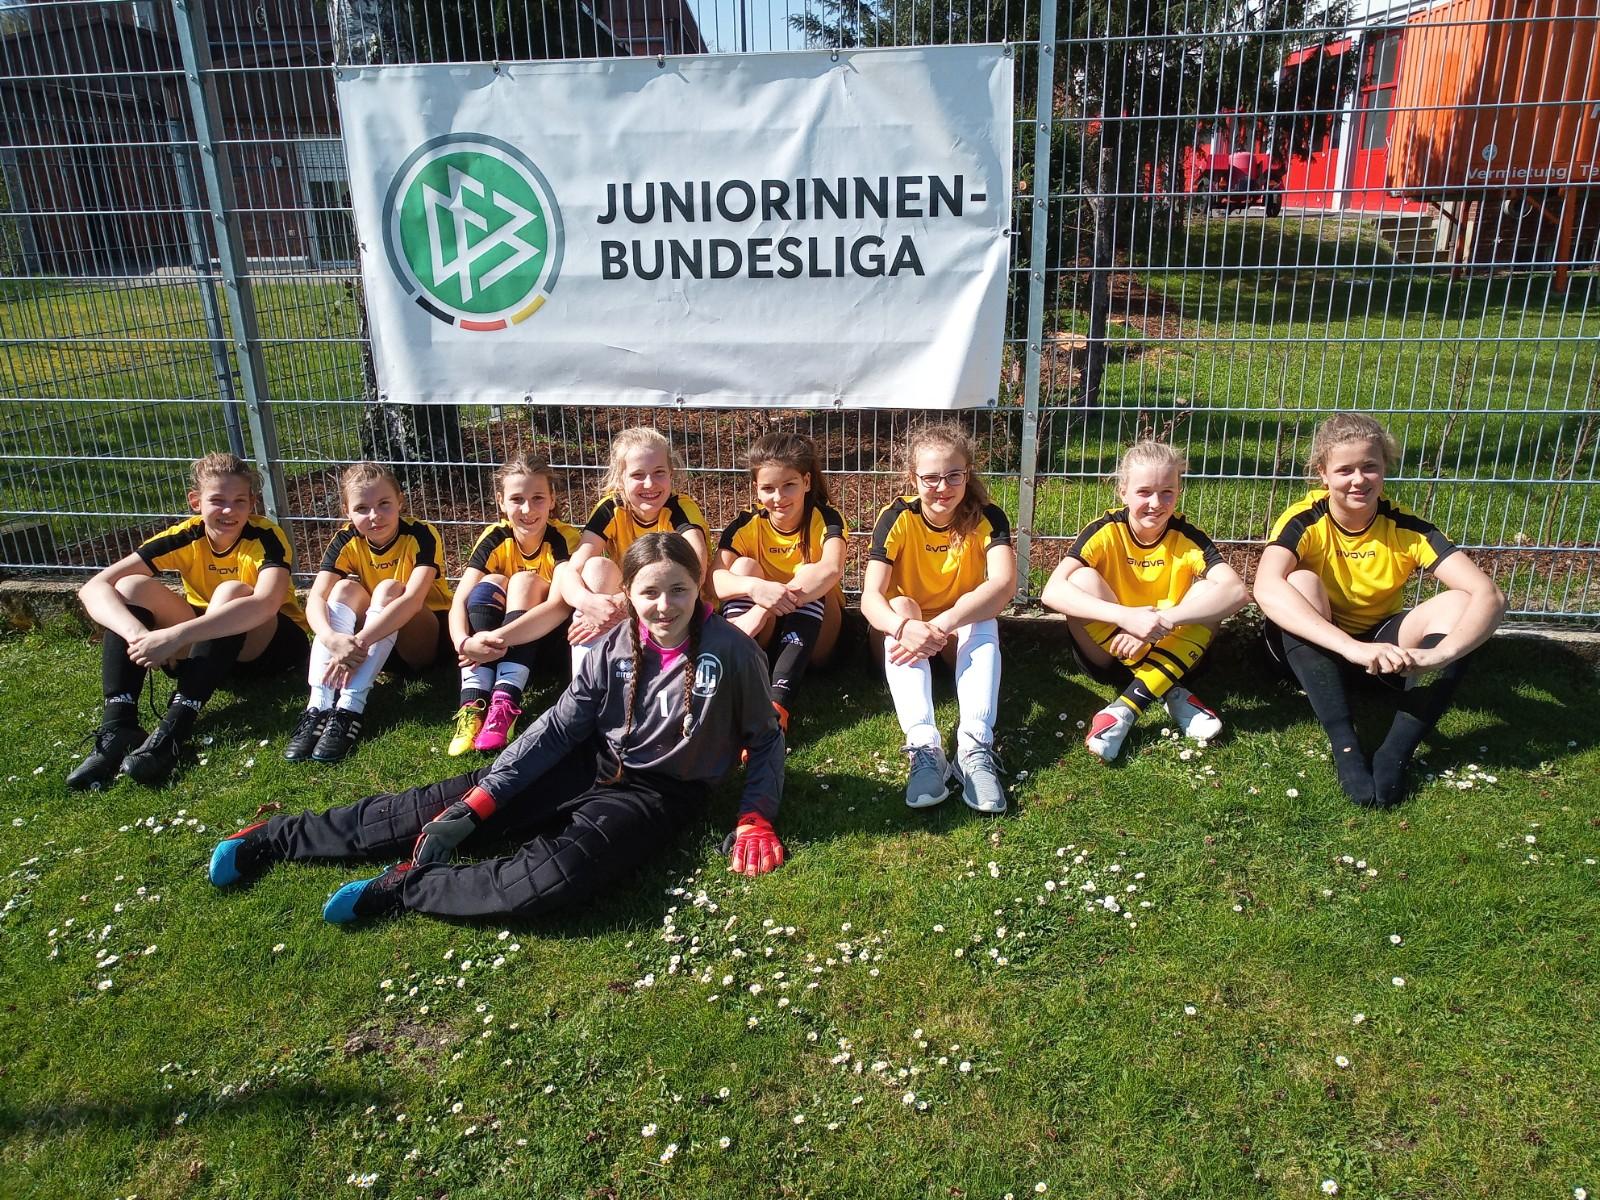 JJG-Fußballerinnen am Ende ohne Glück, aber mit viel Herz!